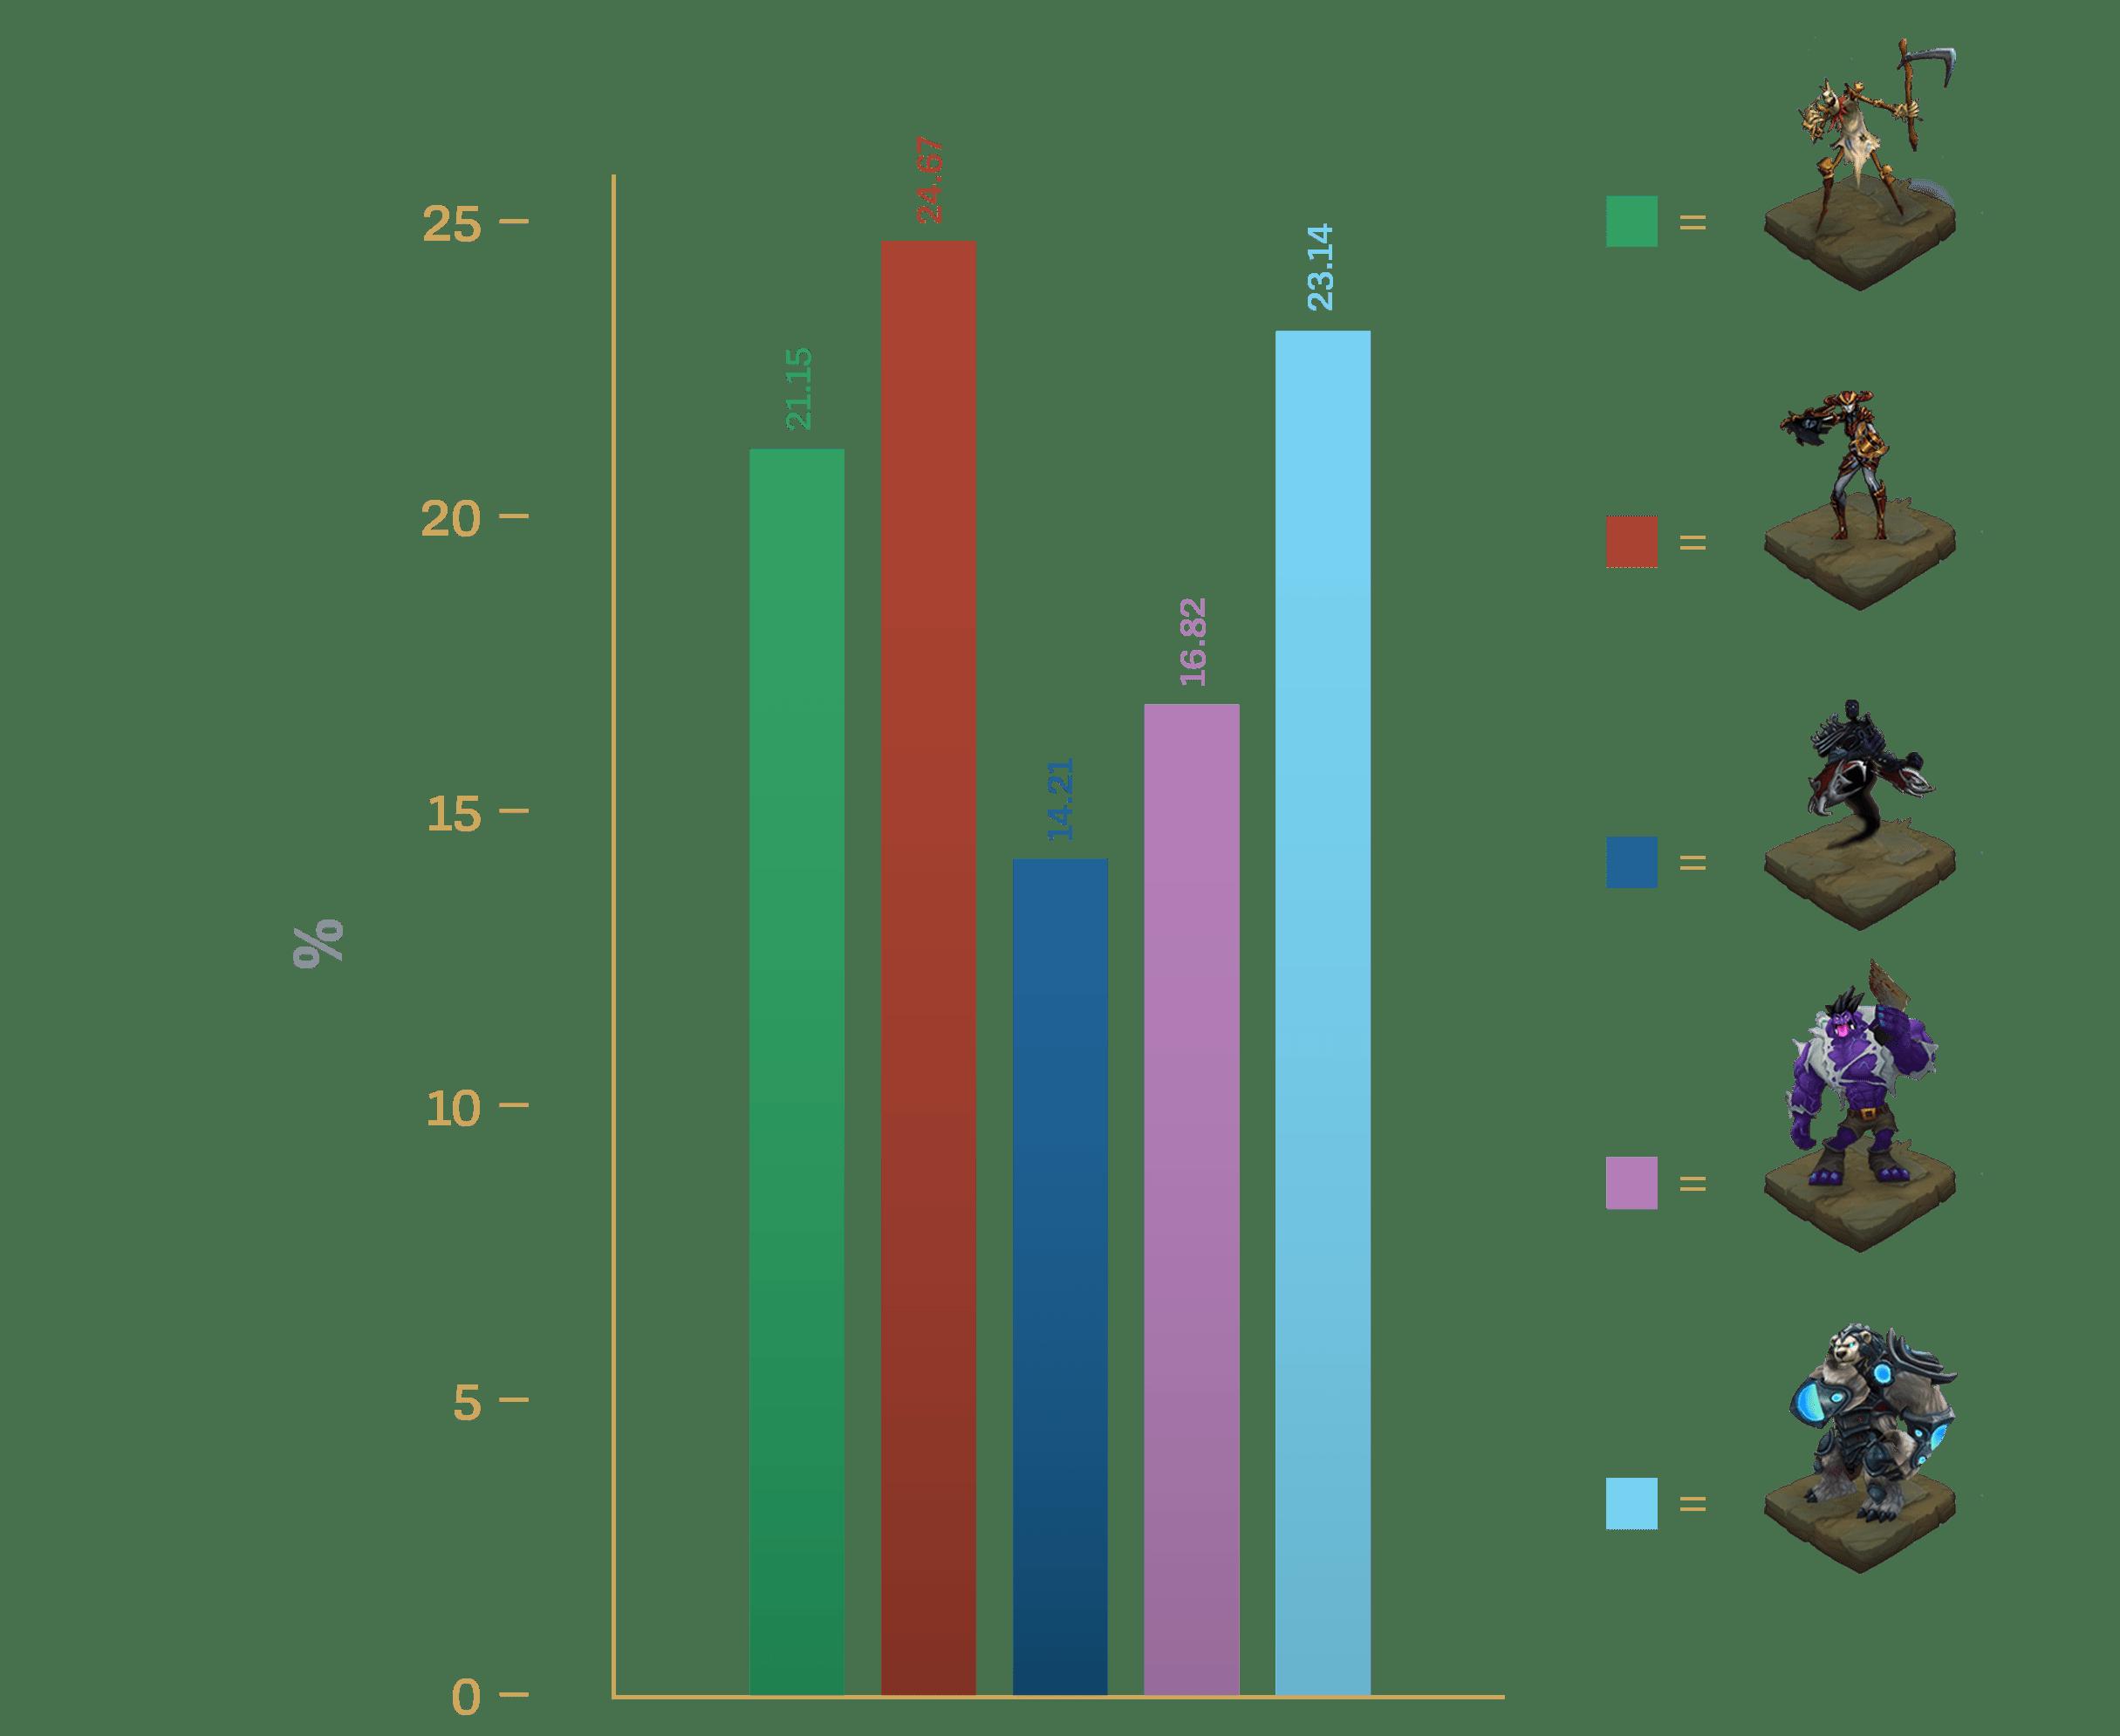 ChampVGU-Results-BarGraphs-China-min_paeyw3qa4maxdhlacq54.png